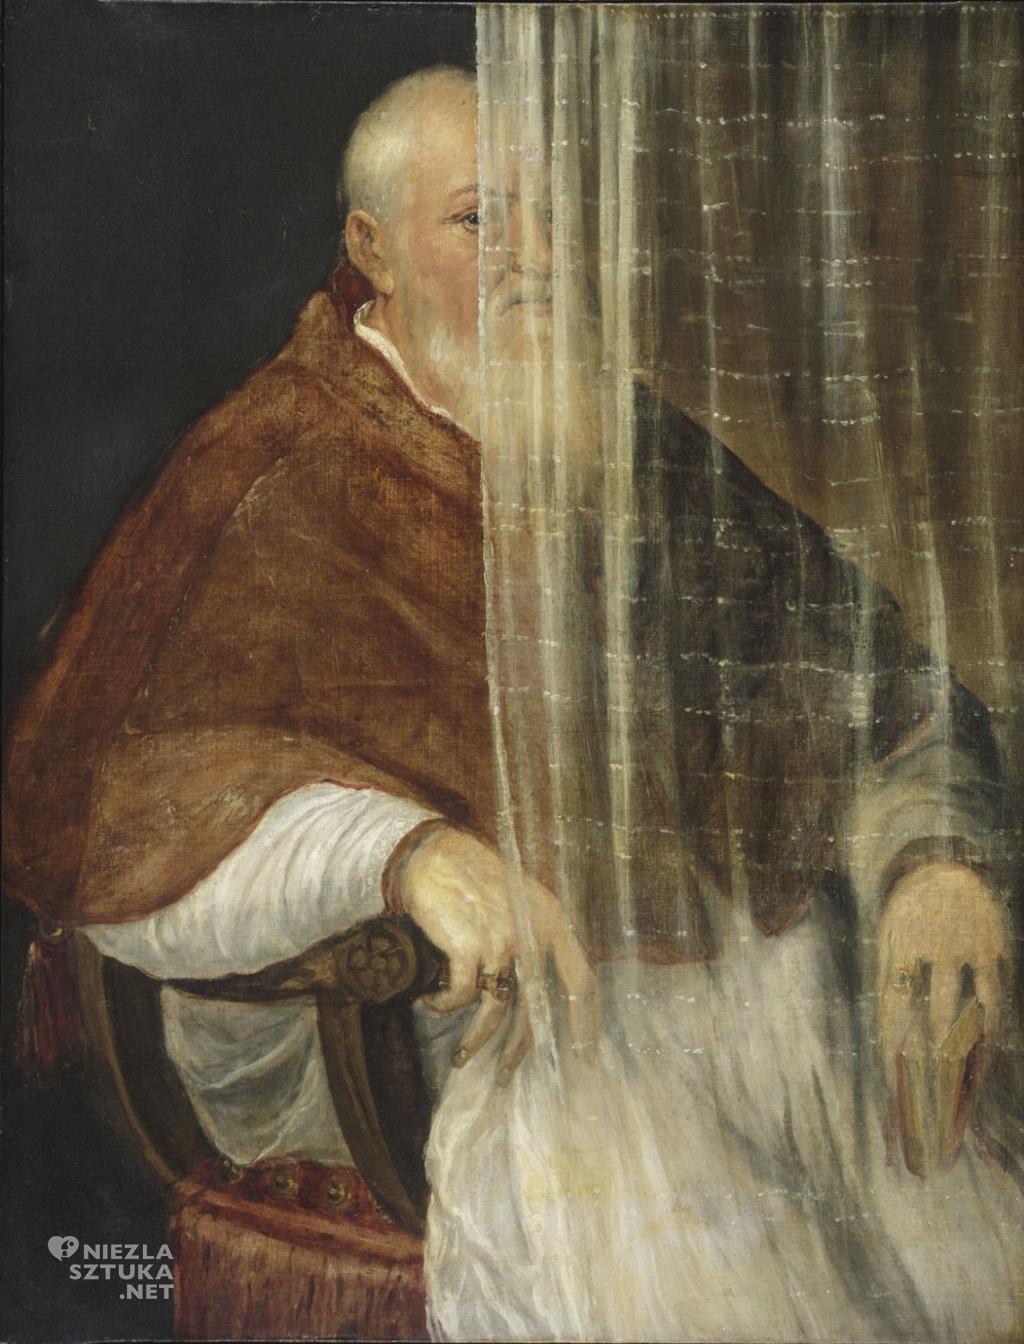 Tycjan Portret kardynała Filippa Archinto | 1558, Philadelphia Museum of Art